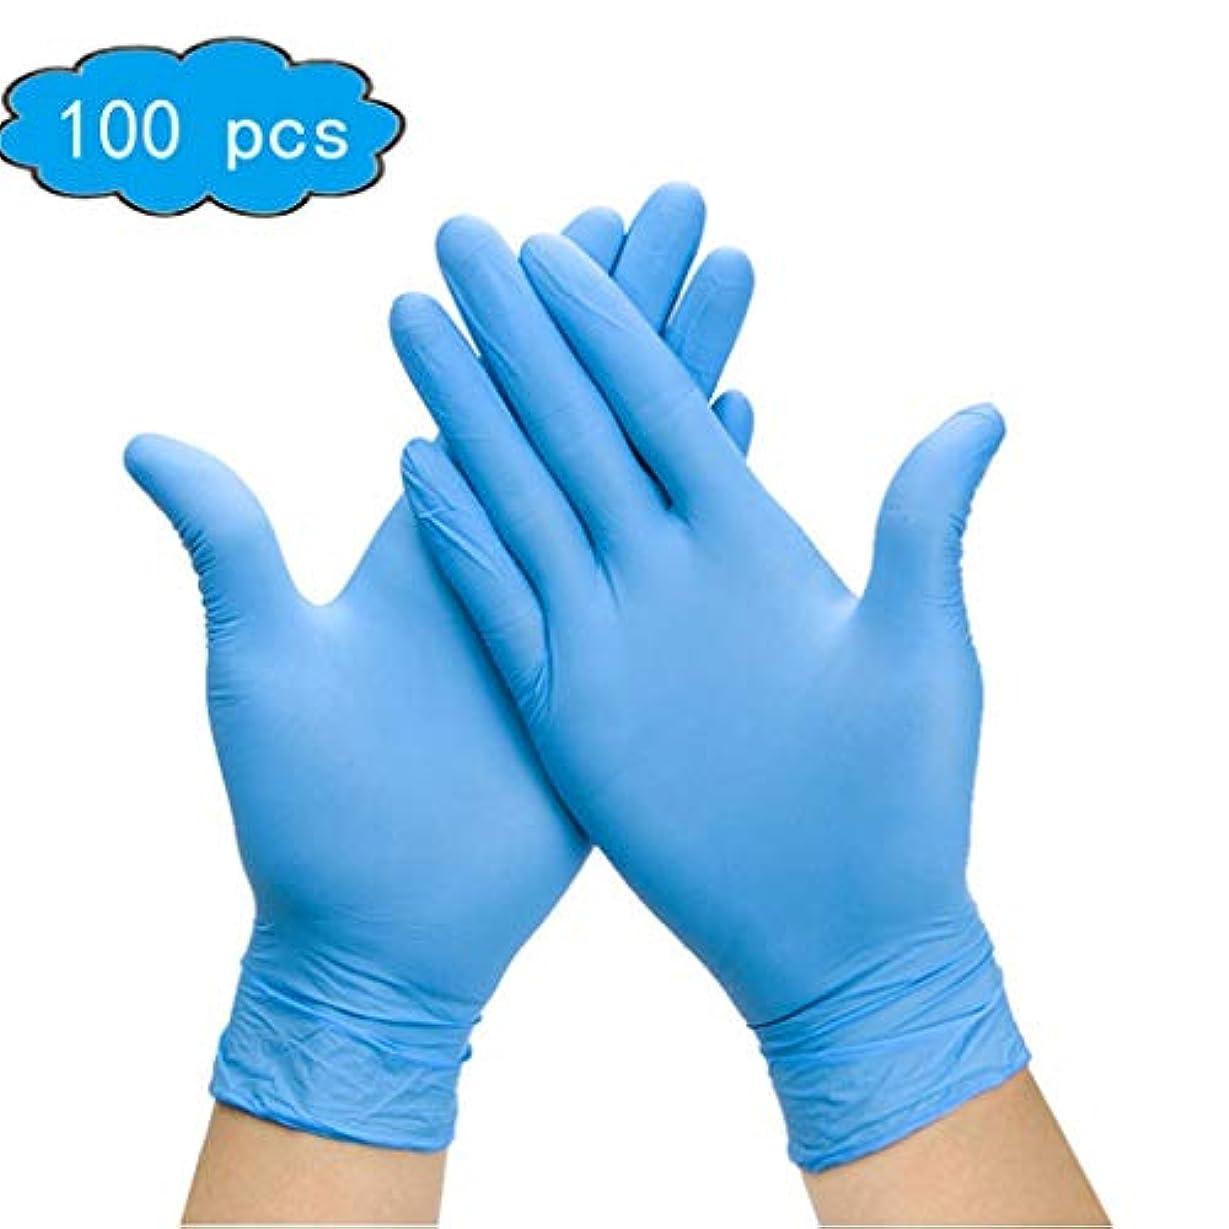 使い捨てニトリル手袋-パウダーフリー、ゴムラテックスフリー、医療検査グレード、非滅菌、両性利き-ソフトブルー(100個)、ラボ&科学製品 (Color : Blue, Size : L)